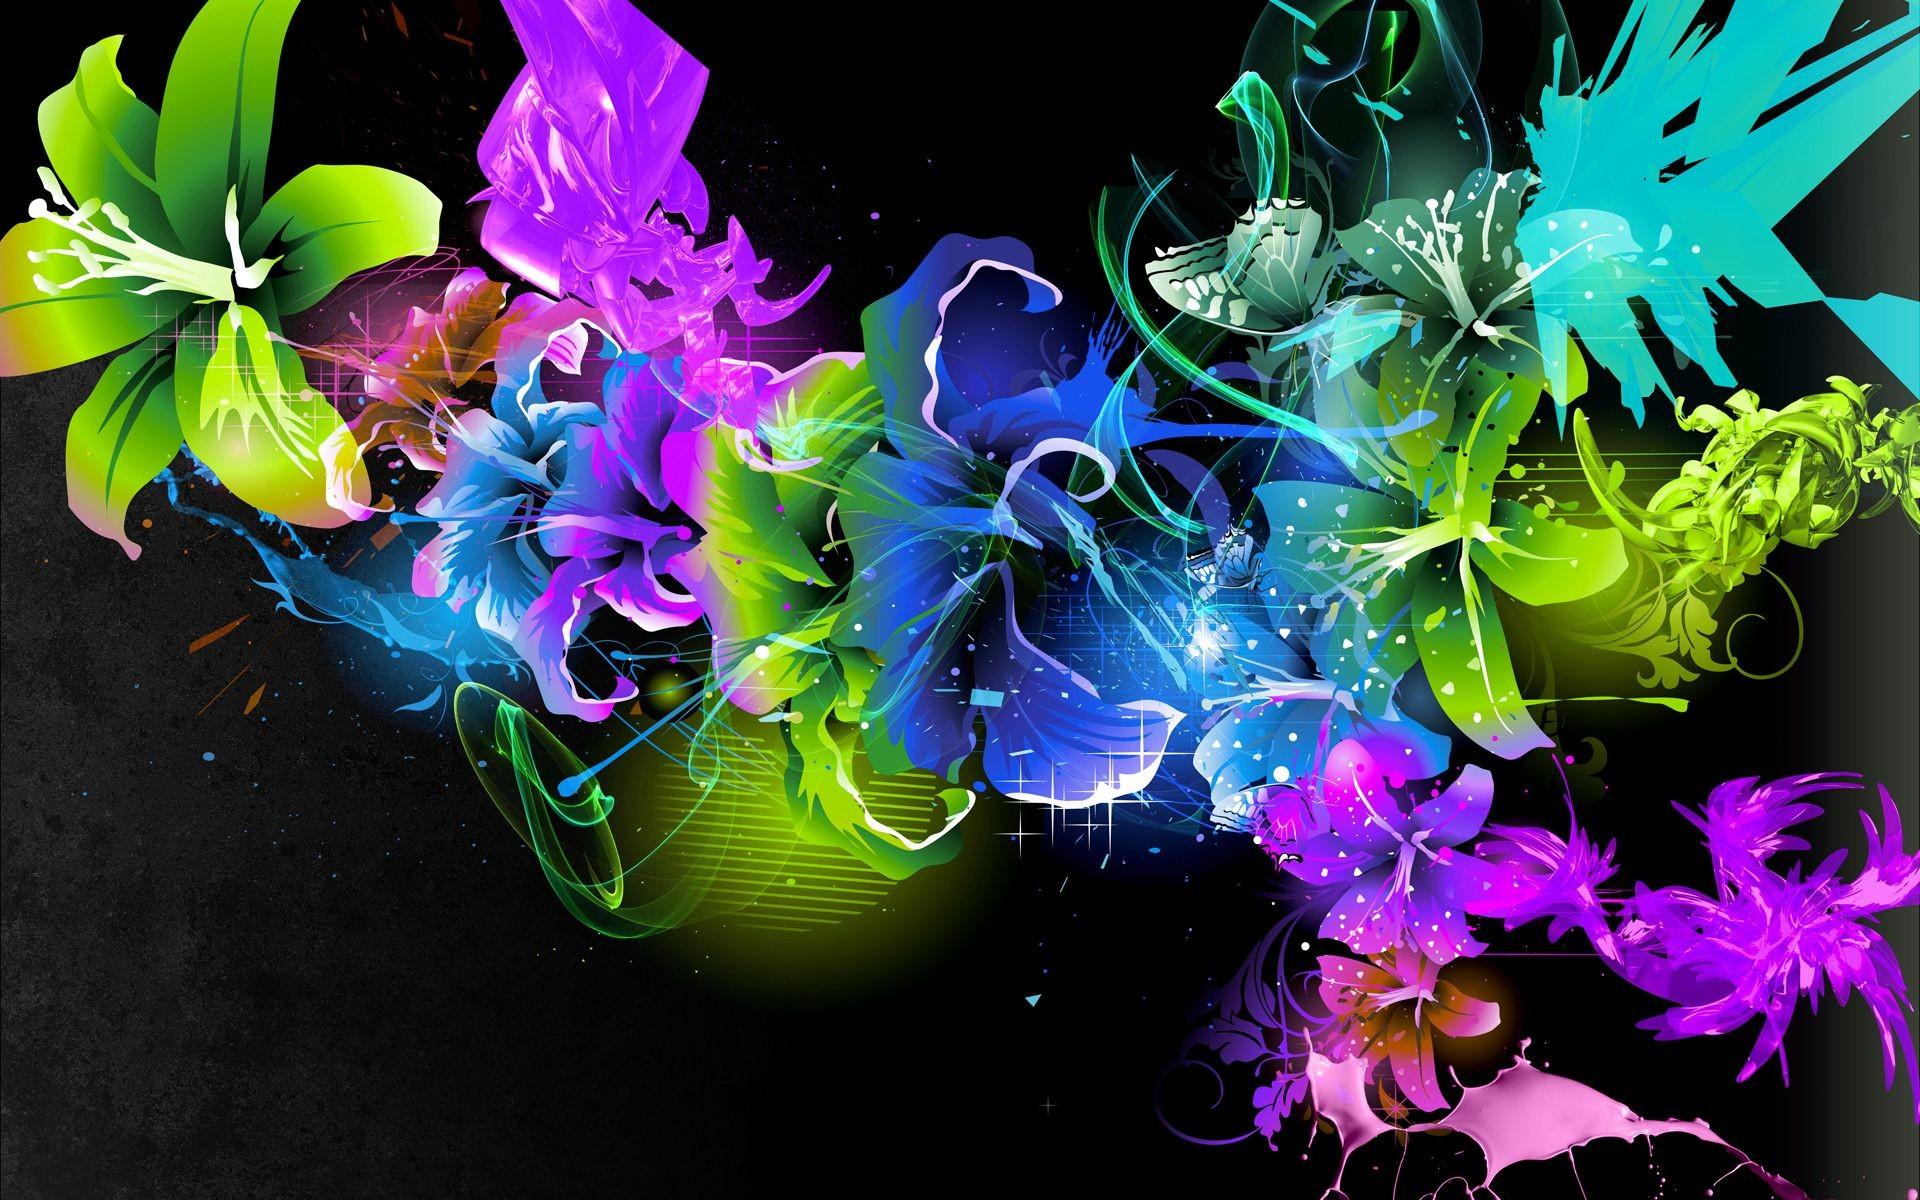 abstract art wallpaper desktop 3256 wallpaper cool walldiskpaper